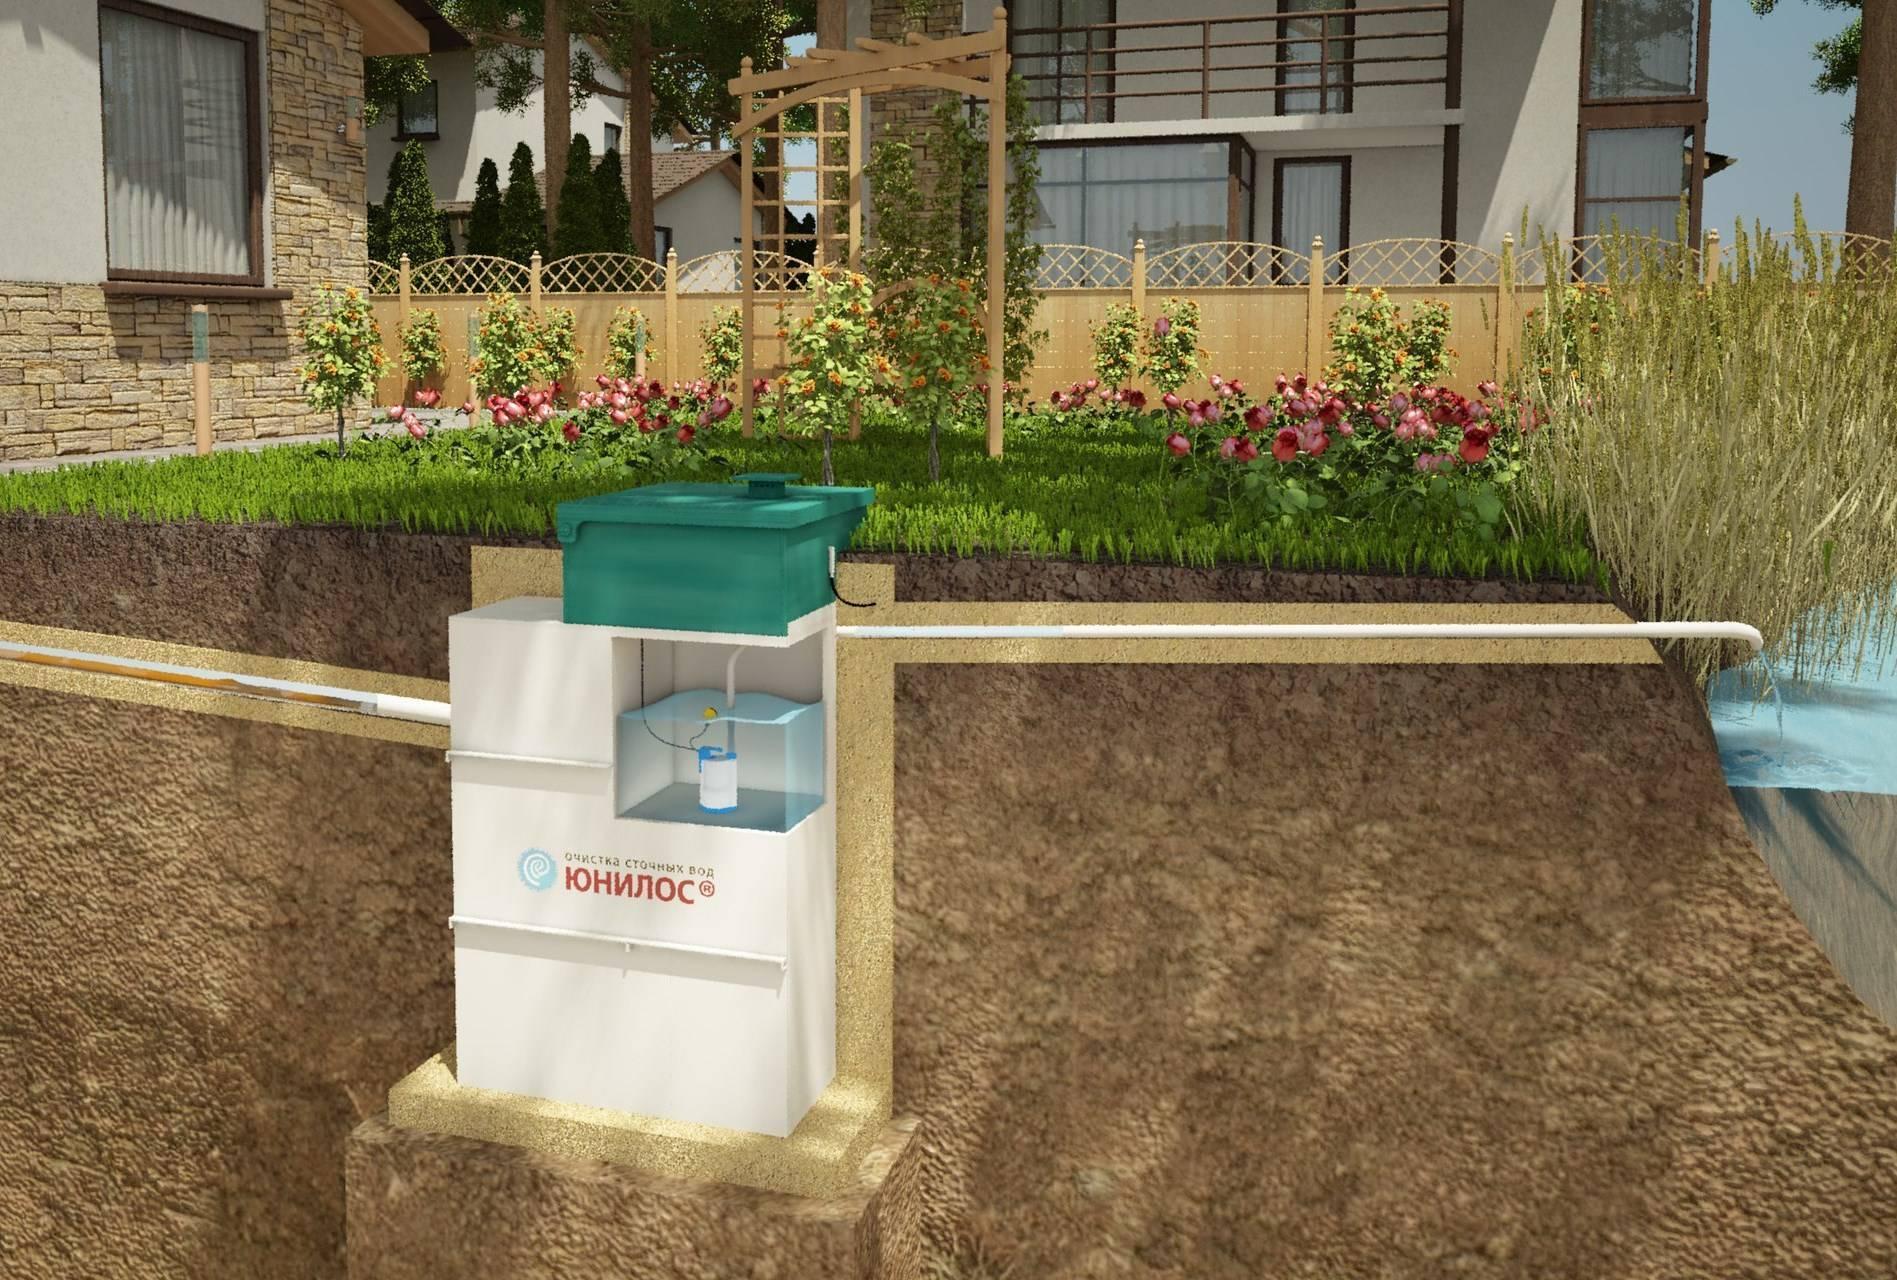 Альта био: септик био с, отзывы, автономная канализация alta bio